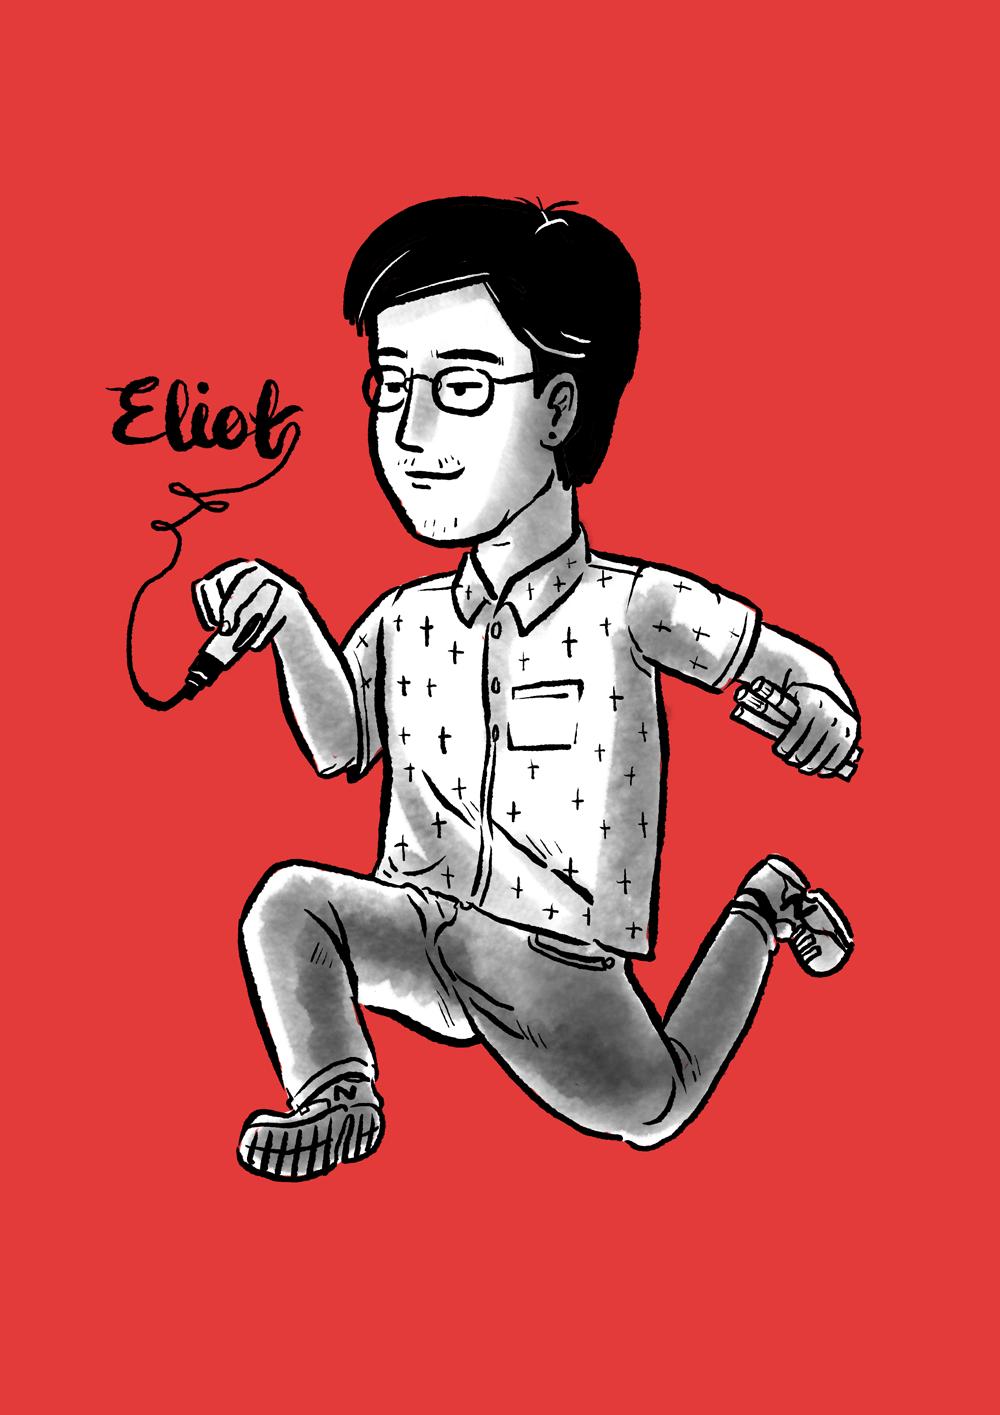 ELIOT LEE GRAPHIC RECORDER